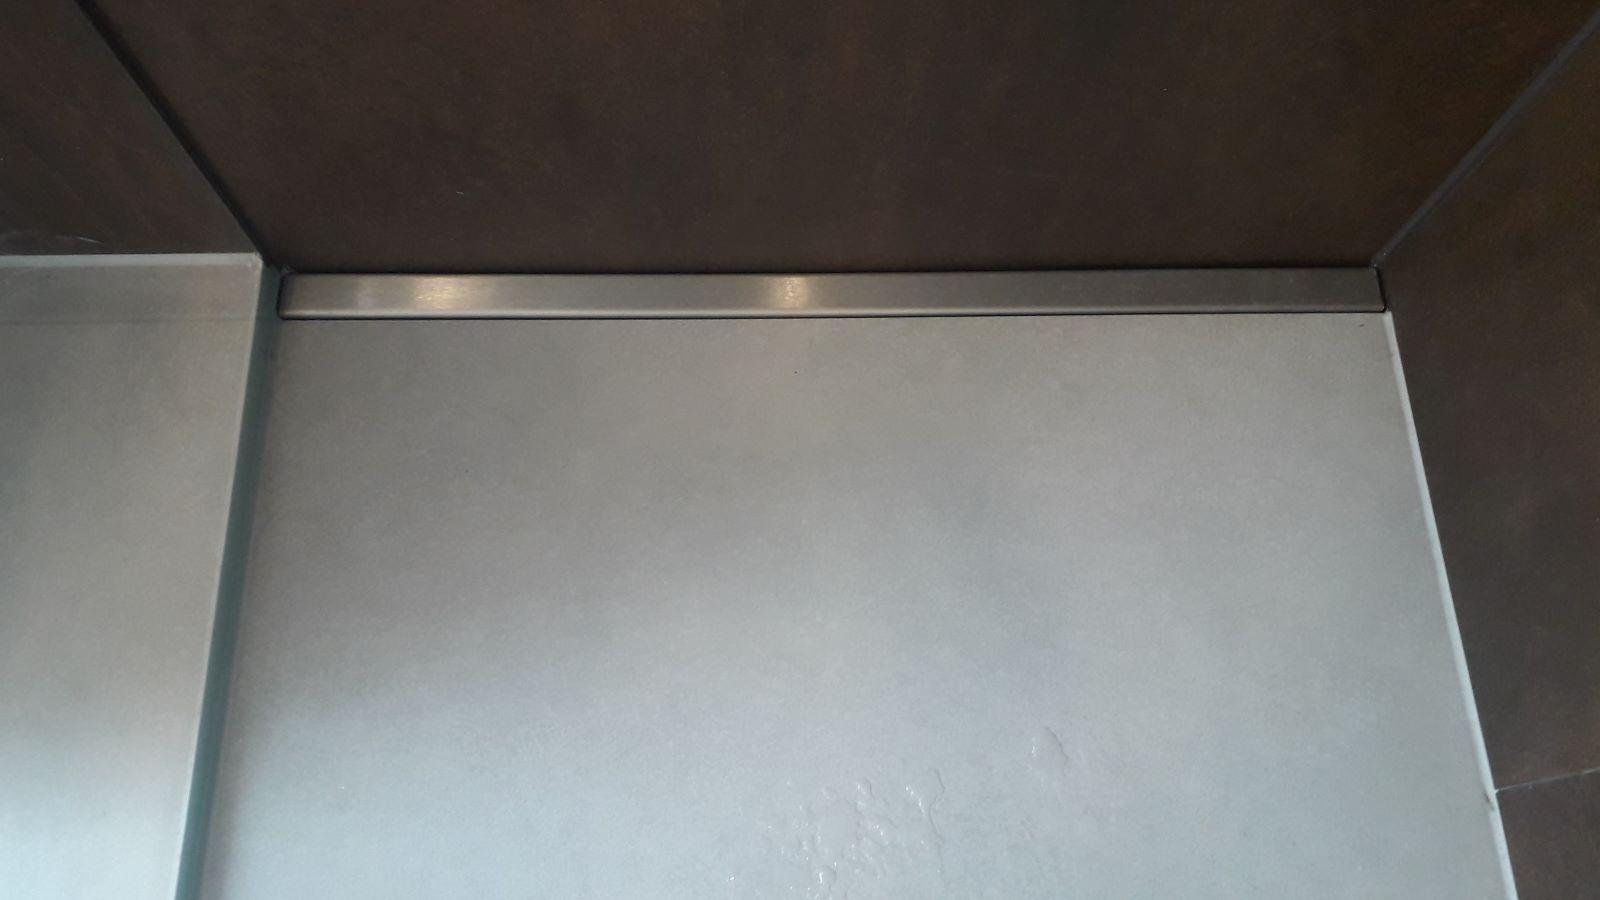 Nahansicht der ebenerdigen, pflegeleichten, begehbaren dusche mit wandbuendiger, extra flacher, langlebiger v4a edelstahl-duschrinne pro massanfertigung. Hier wird die dezente optik der duschrinne pro sichtbar. Dennoch hat sie eine sehr hohe ablaufleistung. Form follows function. Die unauffaellige duschrinne pro bietet einmalige vorteile fuer die moderne gestaltung dieser traumdusche mit grossformatigen xxl-bodenfliesen und durchsichtiger ganzglas-duschwand. Die planung dieser barrierefreien traumdusche mit der massgefertigten duschrinne pro mit sehr geringer einbauhoehe und realisierung im zuge der badmodernisierung im altbau war moeglich trotz holzbalken und heizungsrohren in der geschossdecke. Dieses moderne, trendige bad im dachgeschoss ist pflegeleicht dank der xxl-fliesen an wand und boden und der duschrinne pro, dezent wandbuendig eingebaut. Als optimale duschrinne fuer bodengleiche, altersgerechte duschen im altbau vereint sie massgefertigte, cm genaue laenge, sehr geringe einbautiefe, individuell angefertigter ablauf mit frei bestimmbarer position und richtung sowie sehr hoher ablaufleistung von ca. 1 l/s.